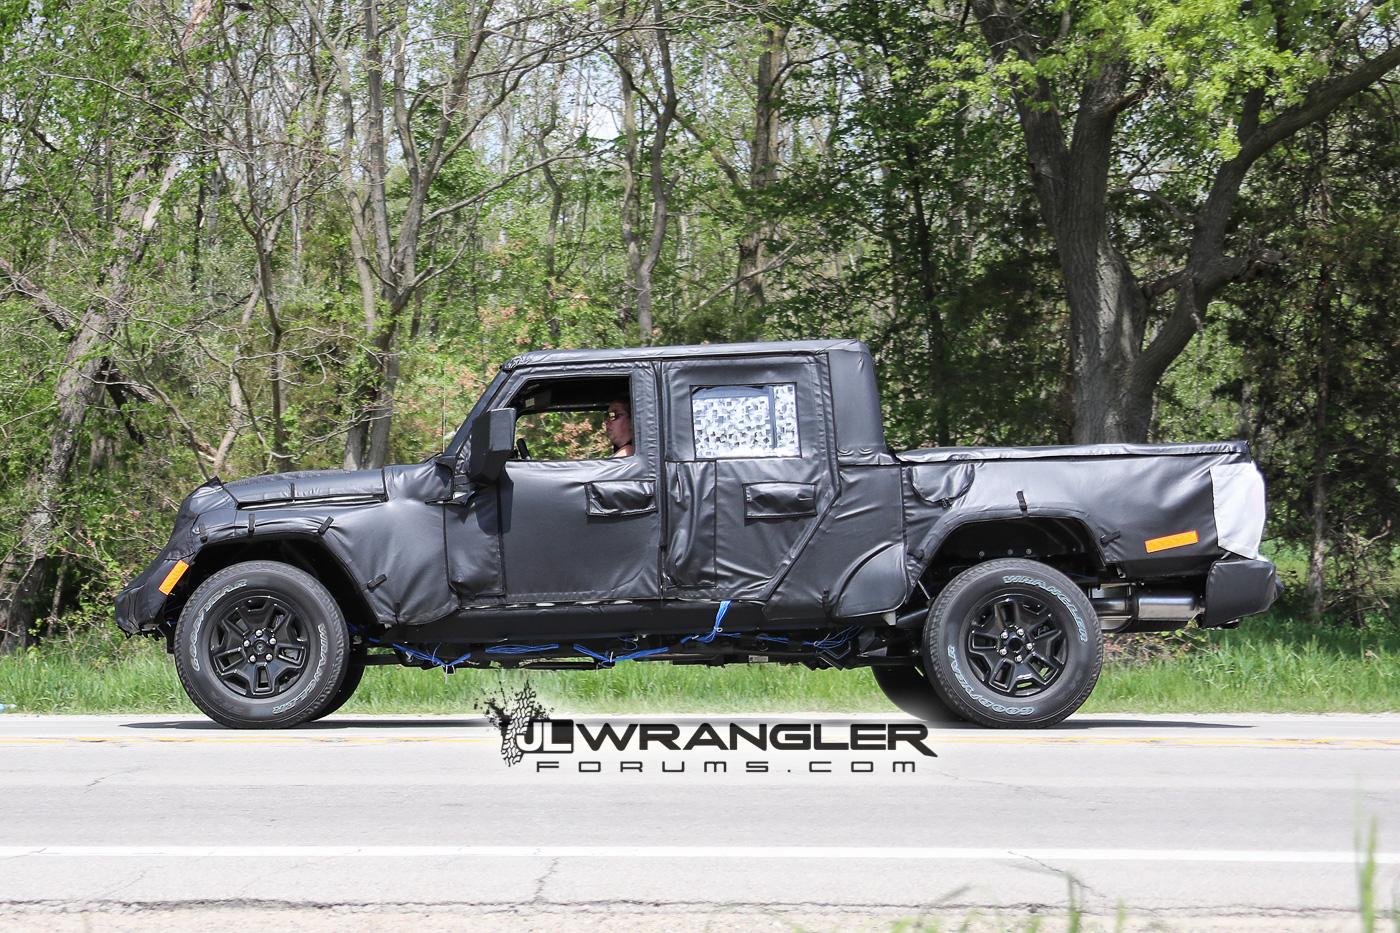 2019 JT Wrangler Truck Side Shot Longer Truck Bed